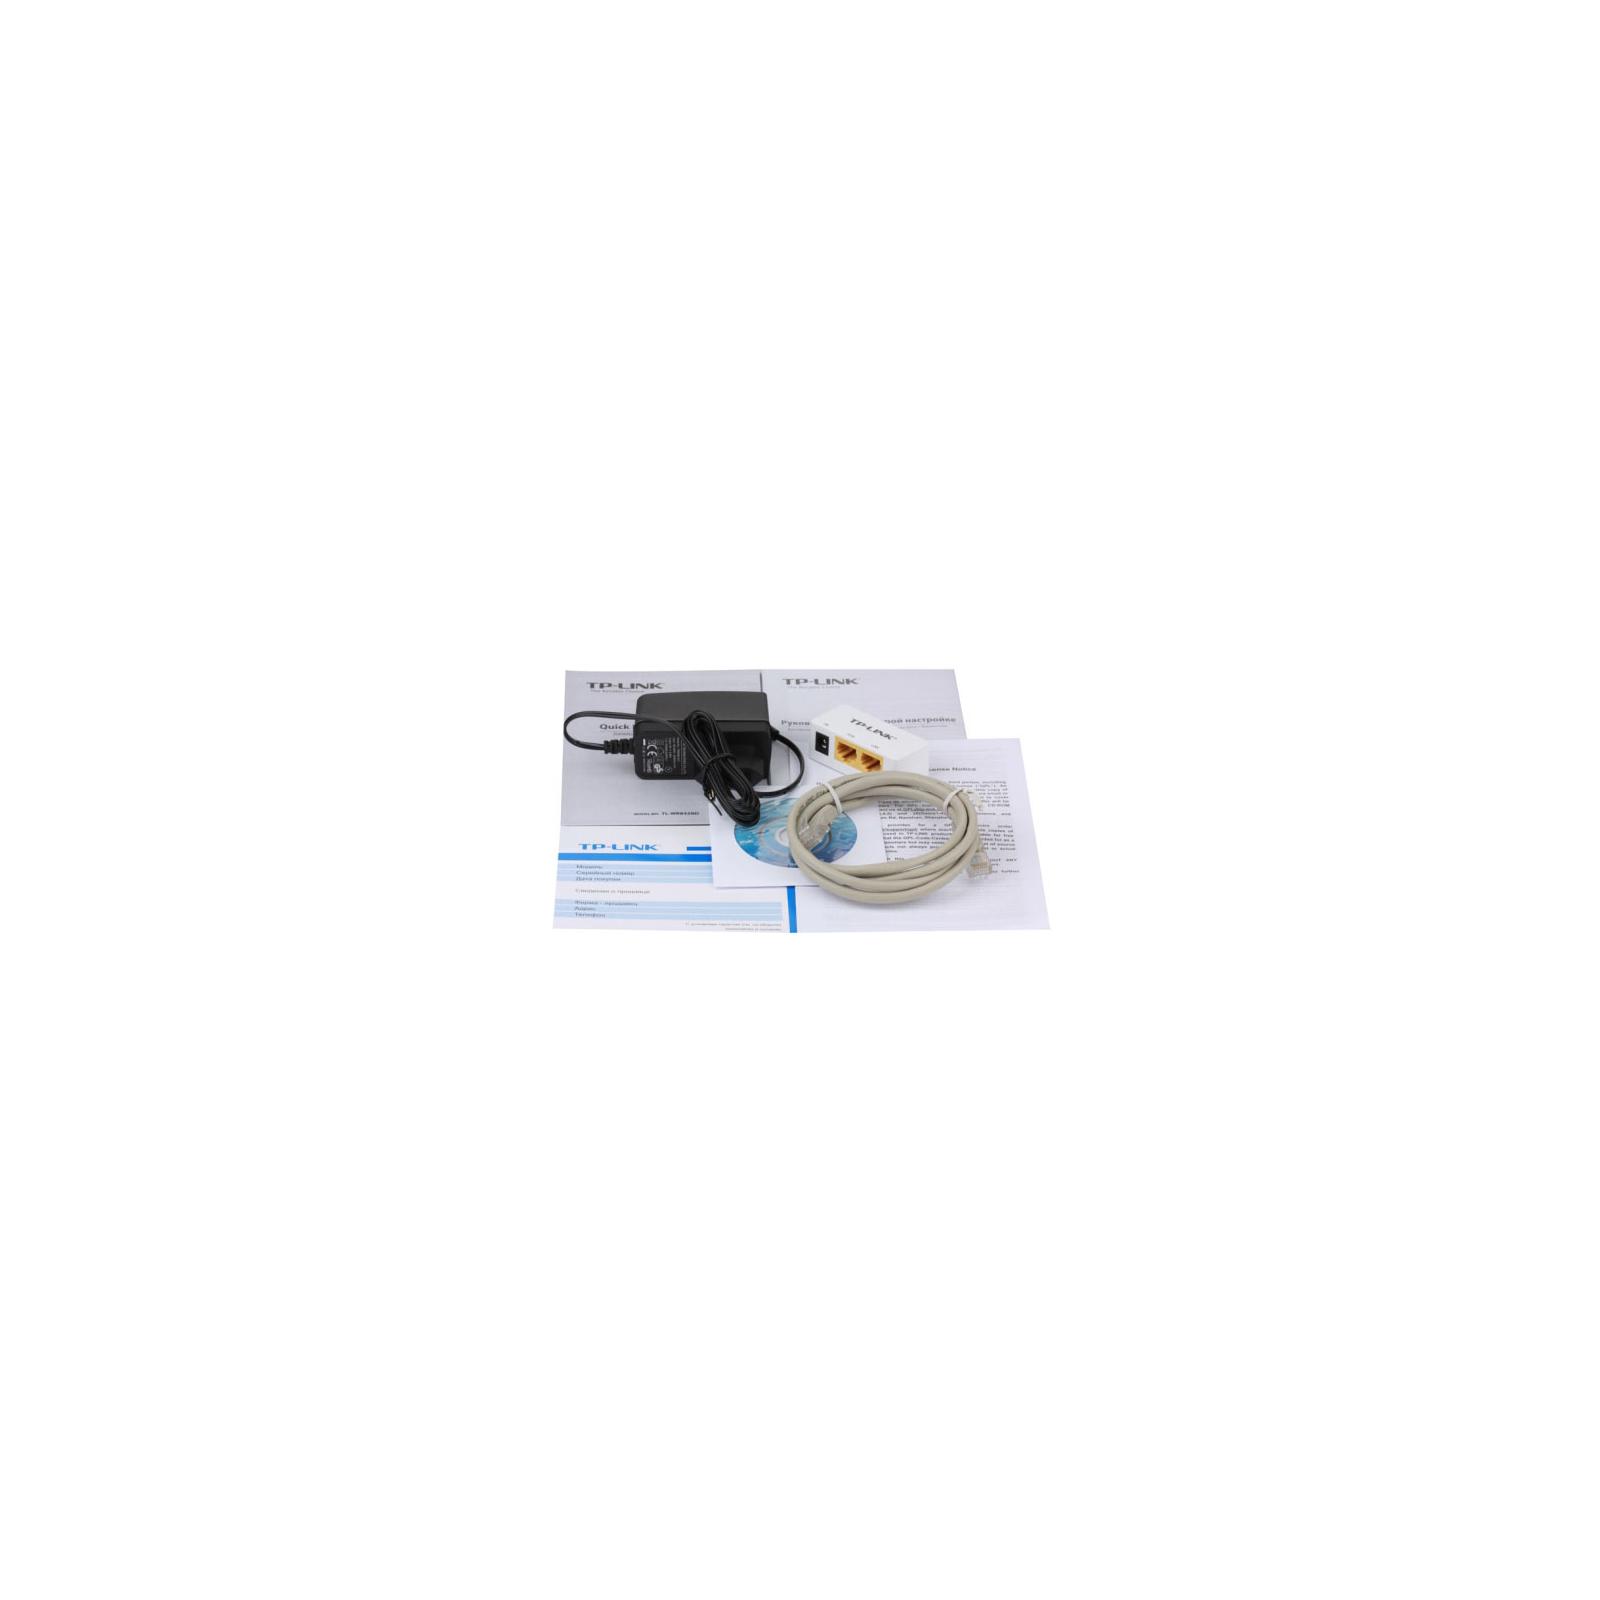 Маршрутизатор TP-Link TL-WR843ND изображение 4